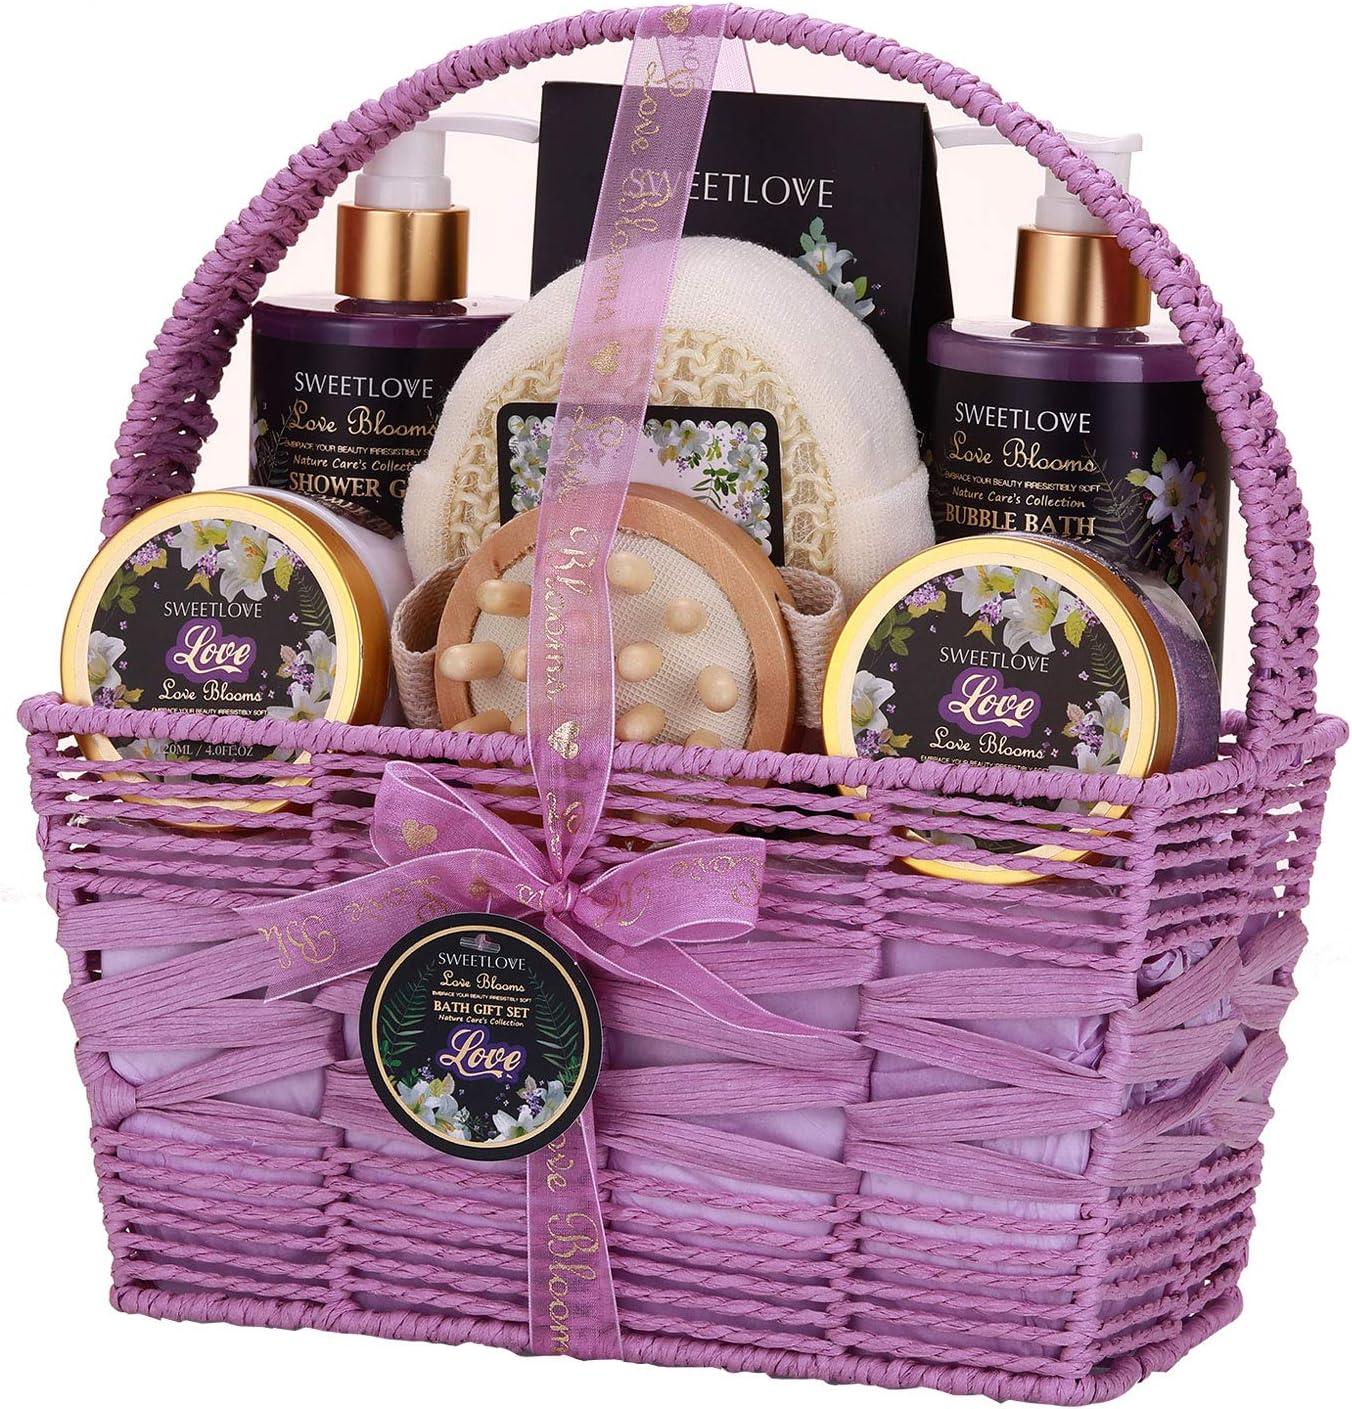 Cesta de regalo de spa para mujeres, set de regalo de baño y cuerpo para ella, 8 piezas de lujo, aroma de lirio y lila, el mejor regalo para el día de la madre, cumpleaños, Navidad